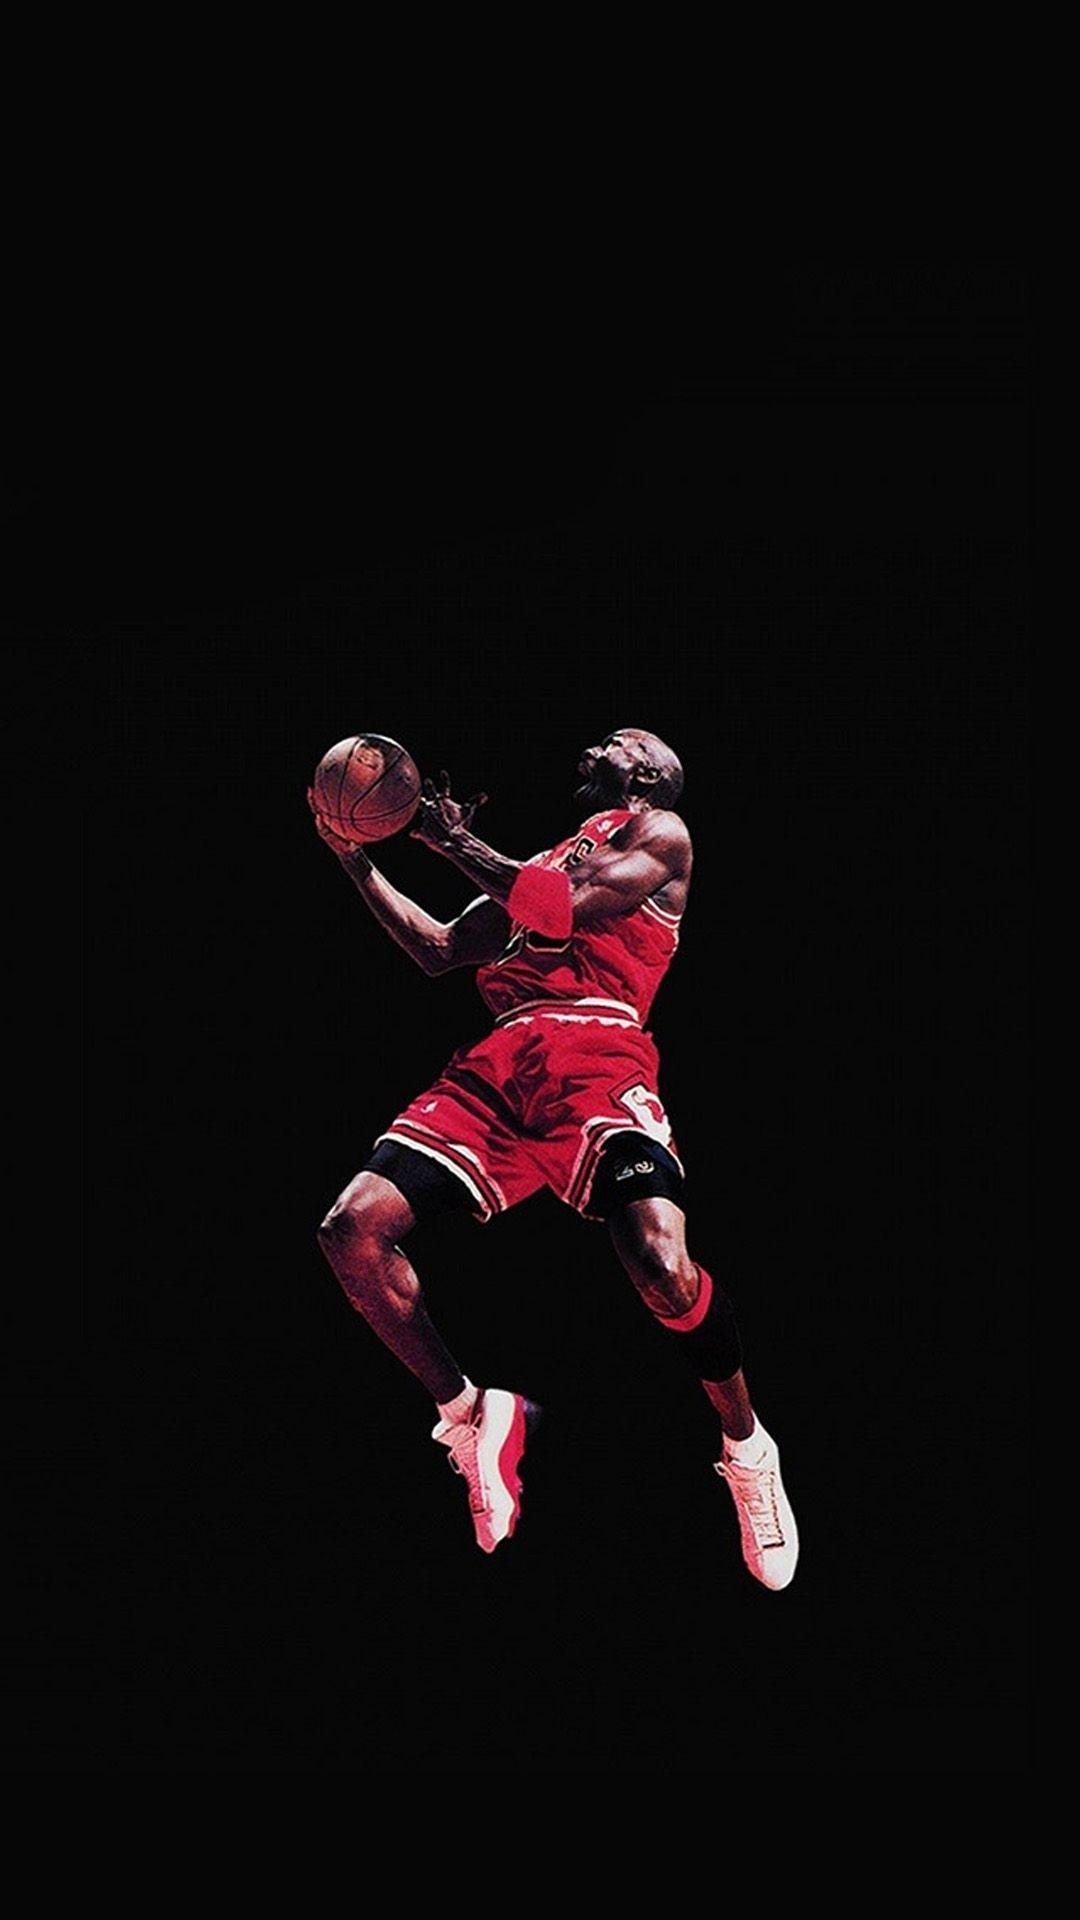 Air jordan jumpman wallpapers wallpaper cave - Jordan jumpman logo wallpaper ...